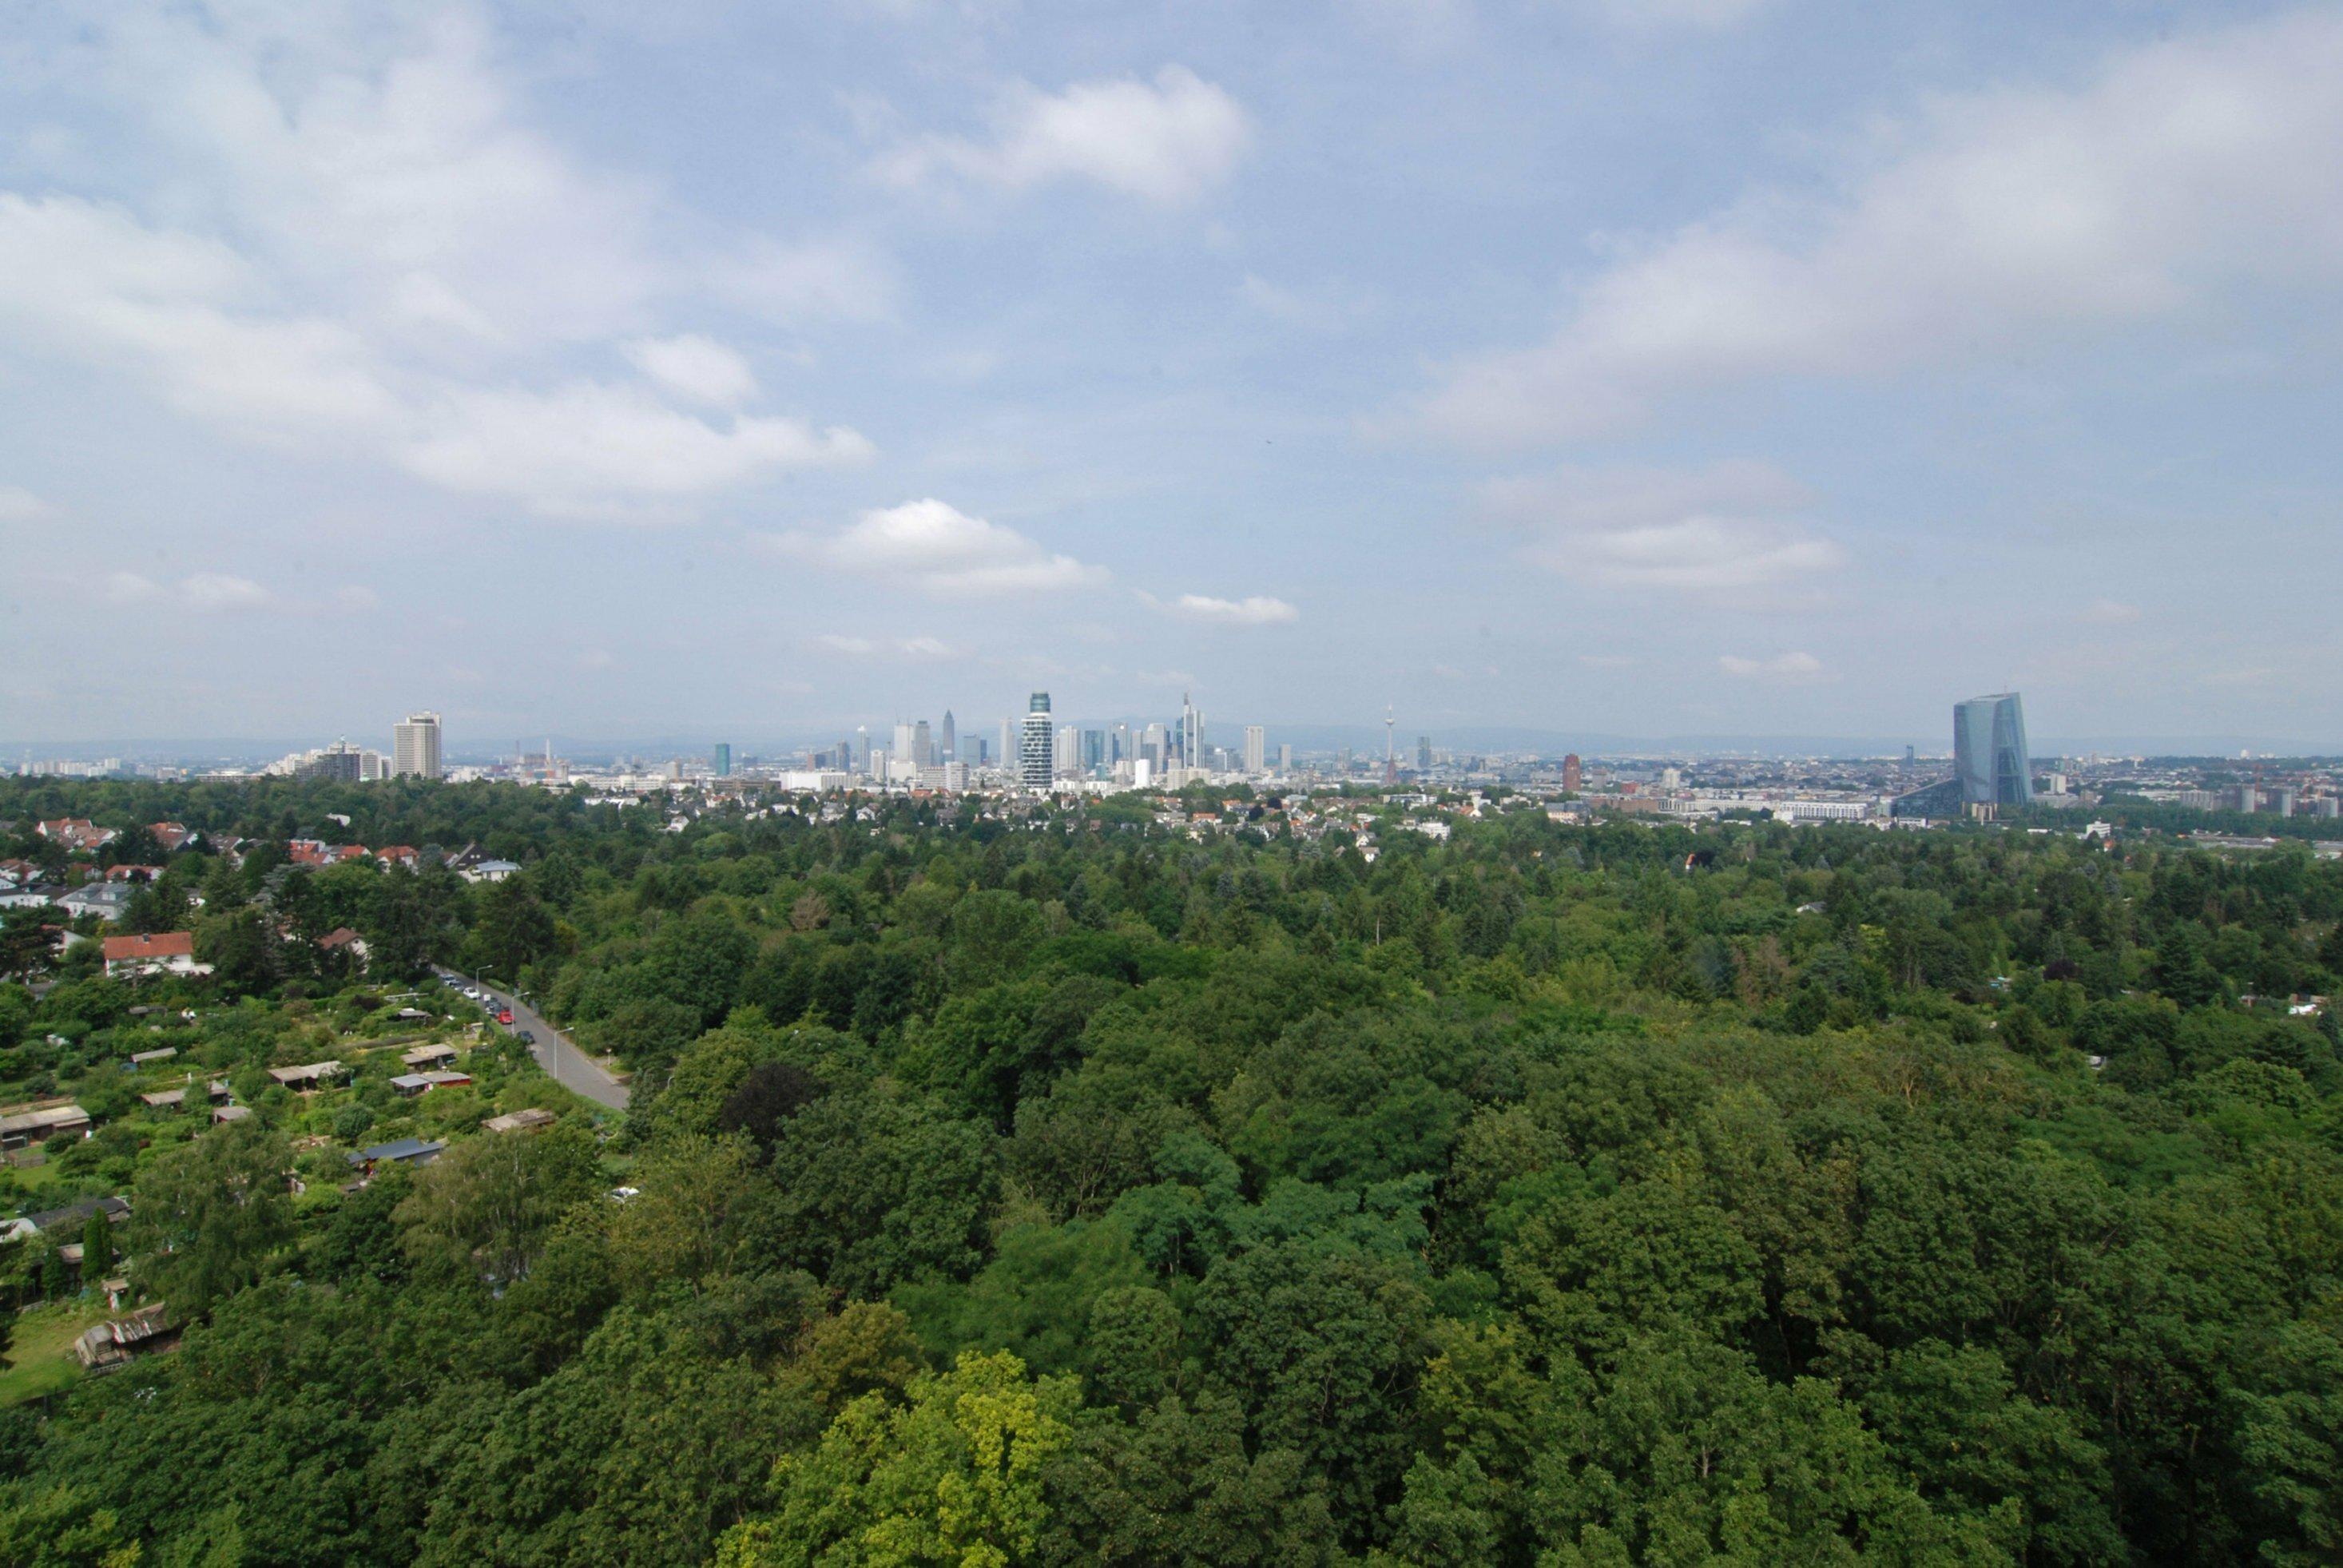 """Frankfurt am Main. Ansicht von der Aussichtsplattform des 43Meter hohen """"Goetheturms"""" im Stadtwald Frankfurt Sachsenhausen. Rechts: Das Gebäude der Europäischen Zentralbank (EZB)."""